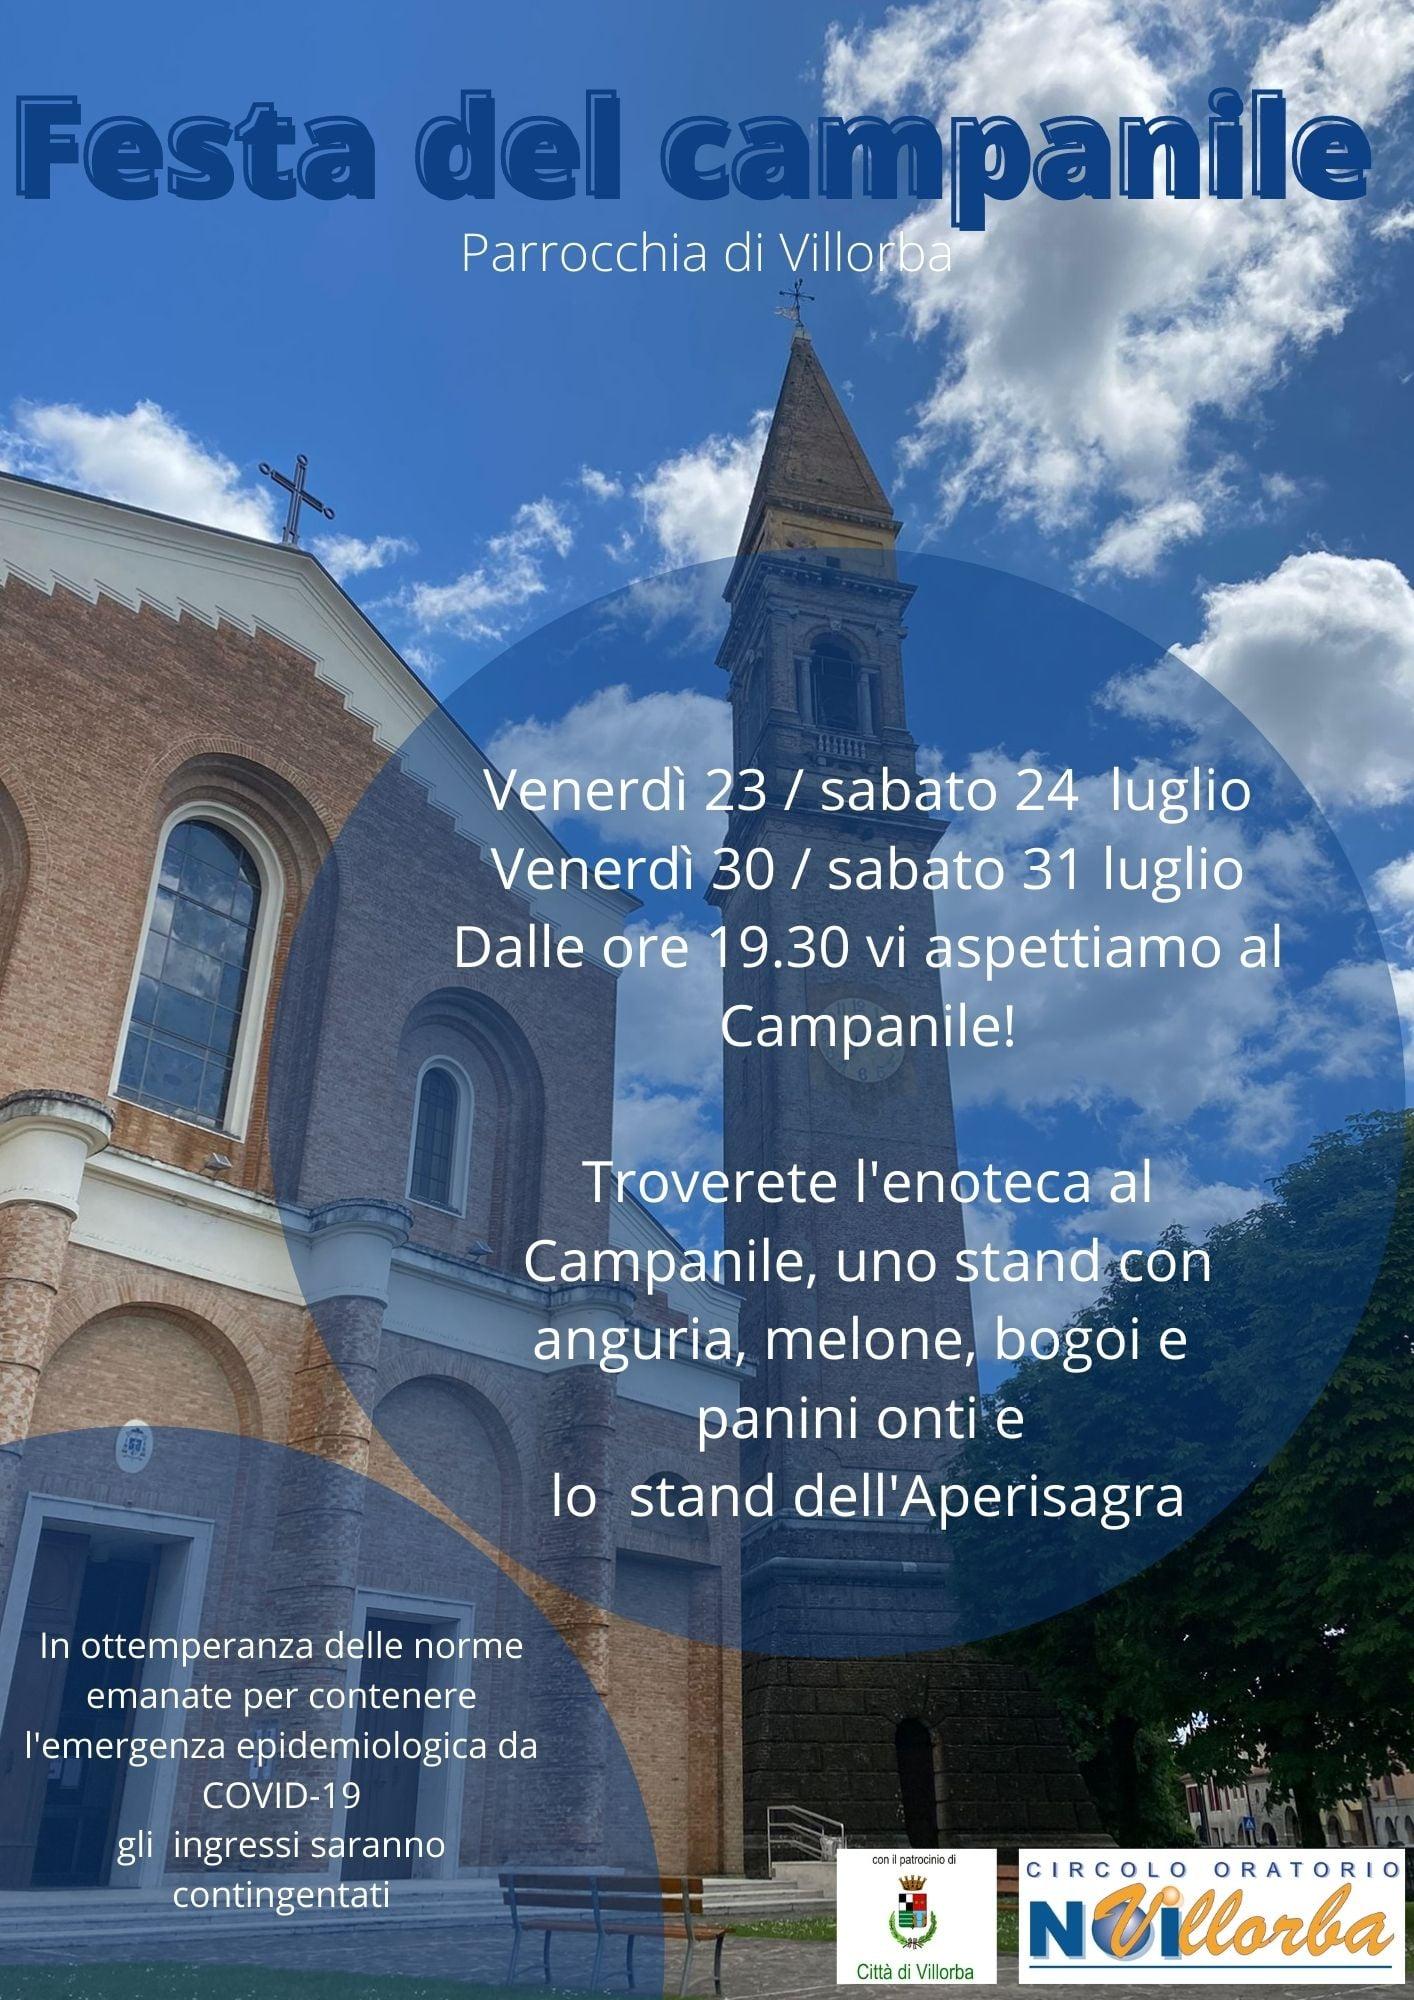 Festa del campanile - Parrocchia di Villorba